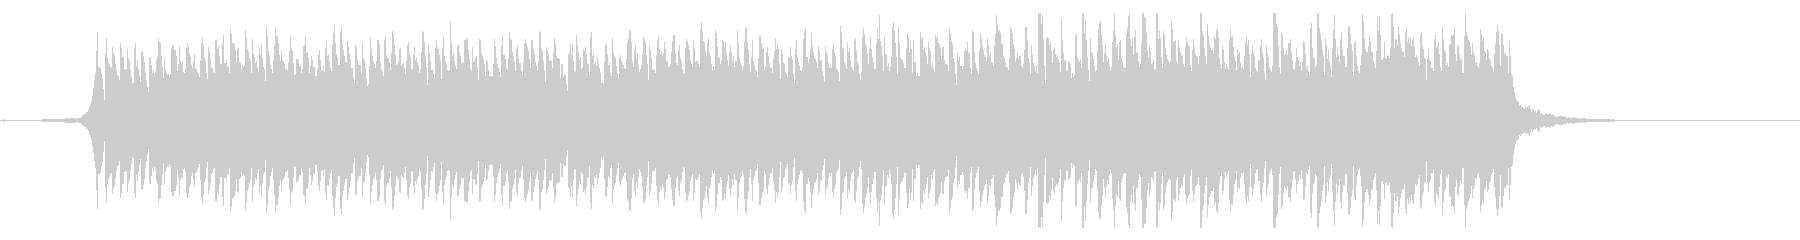 クラシックジングル 感動壮大なピアノの未再生の波形